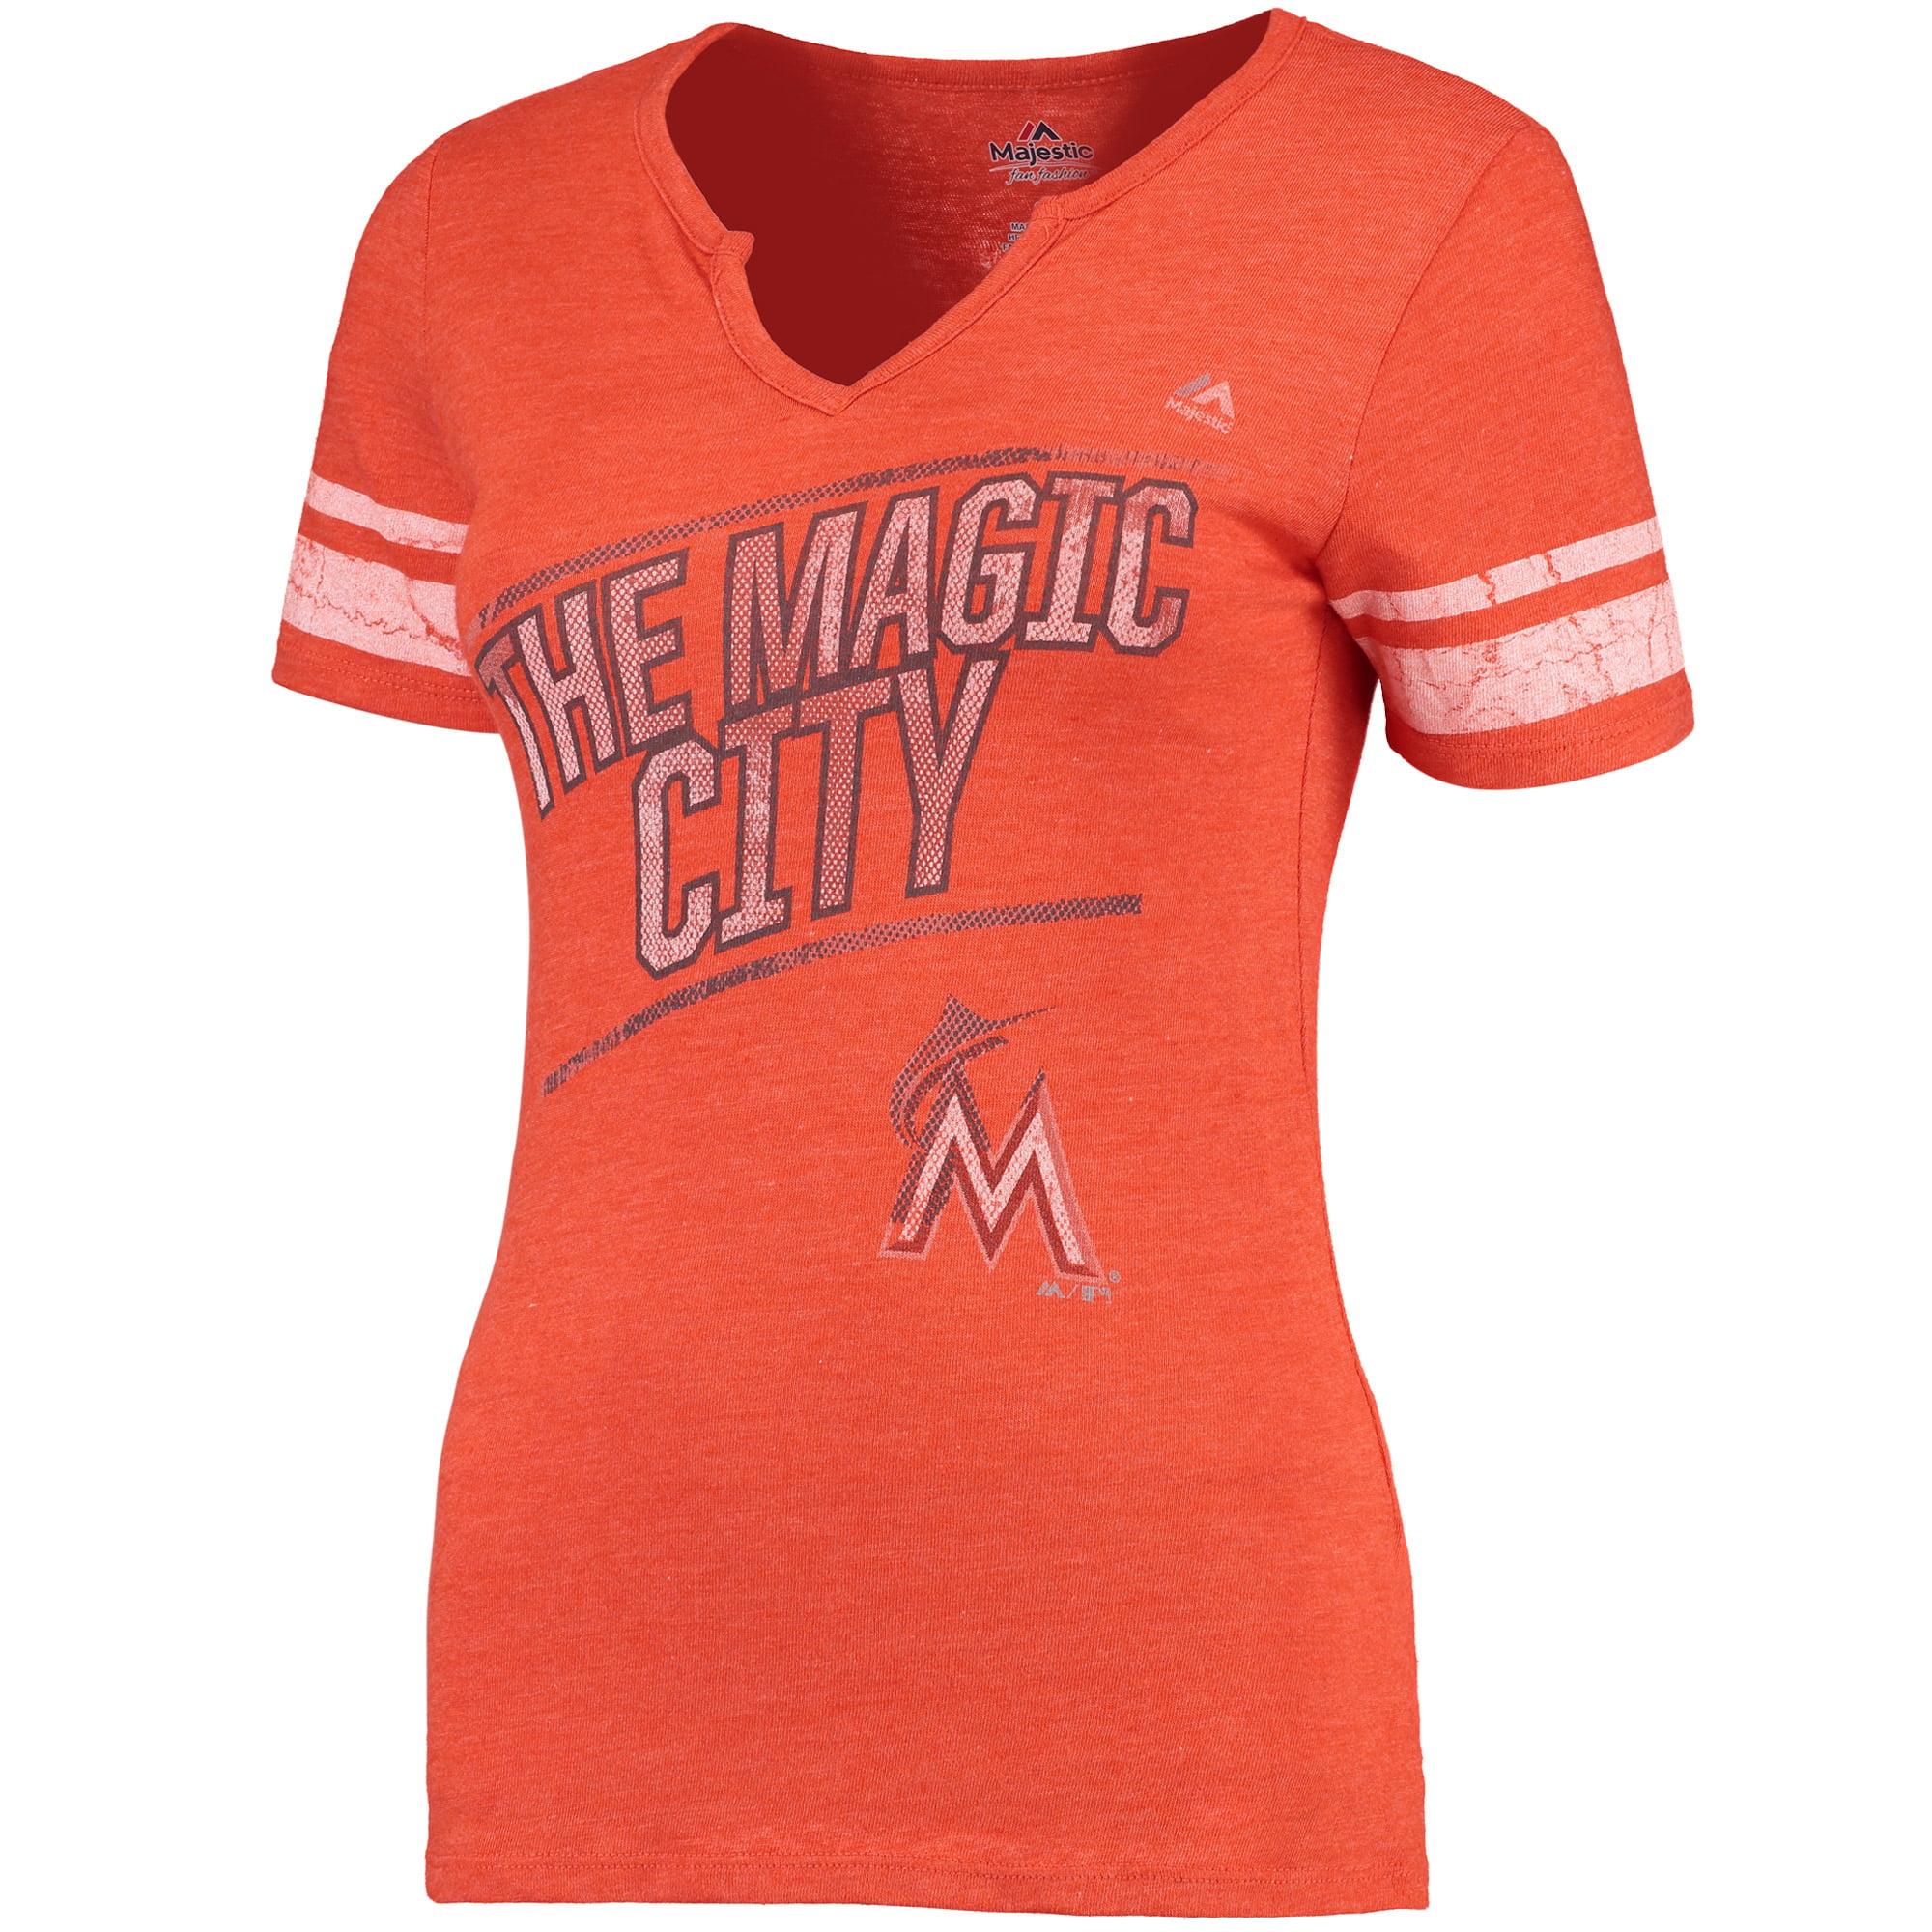 Miami Marlins Majestic Women's Success Is Earned Notch Neck T-Shirt - Orange